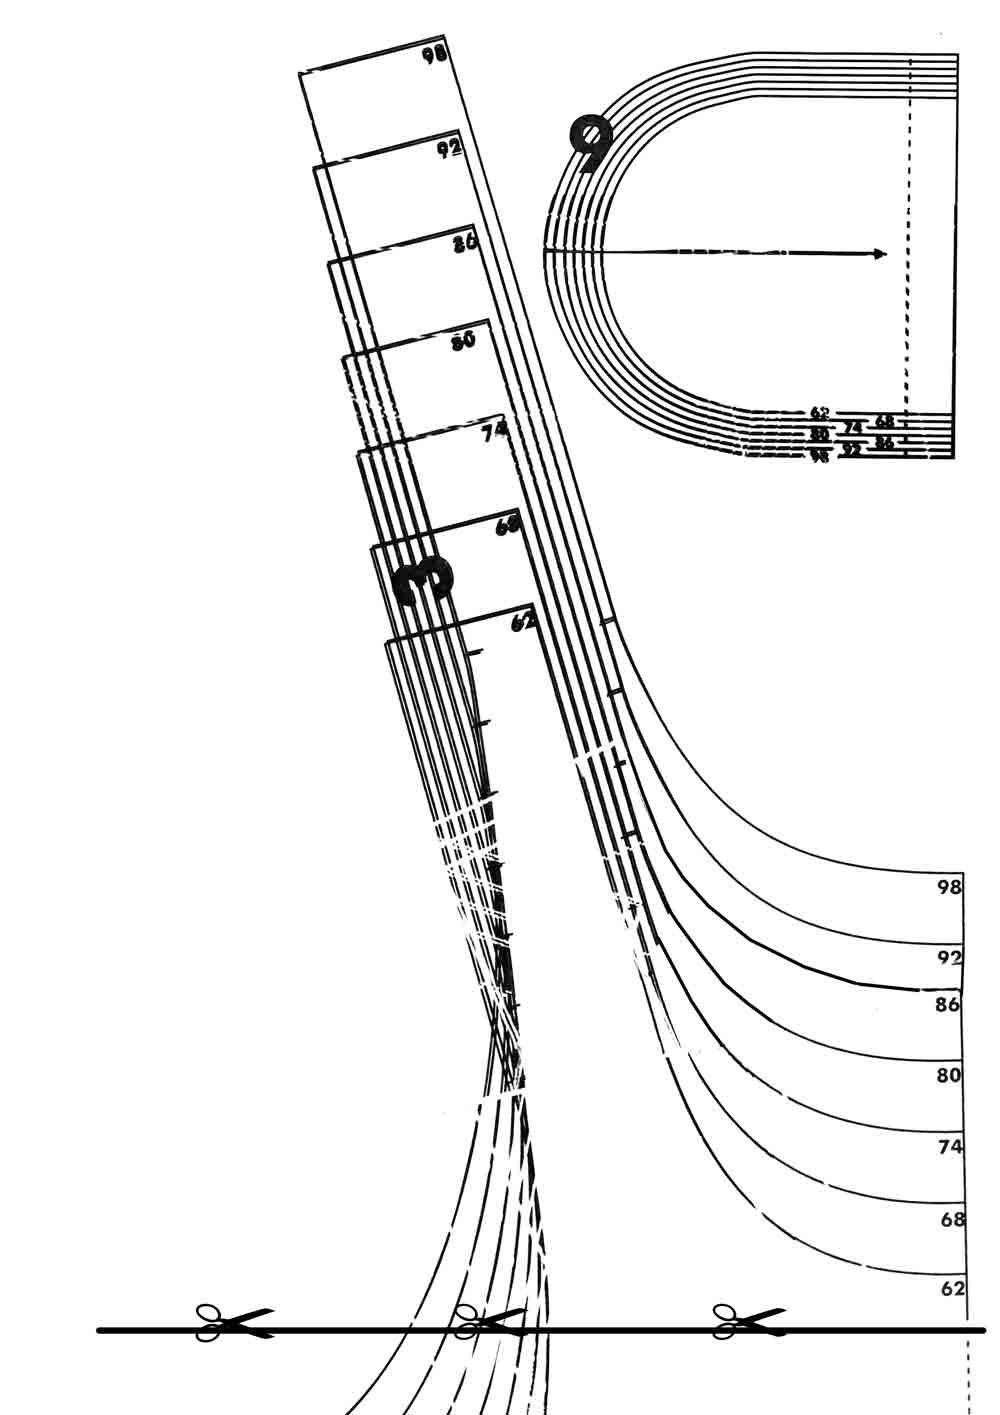 Выкройка лифа сарафана Верхний контур (спинка). На линии спинки от точки Г вверх отложить 4 см, поставить точку Е1. Точки E1, E соединить слегка выпуклой